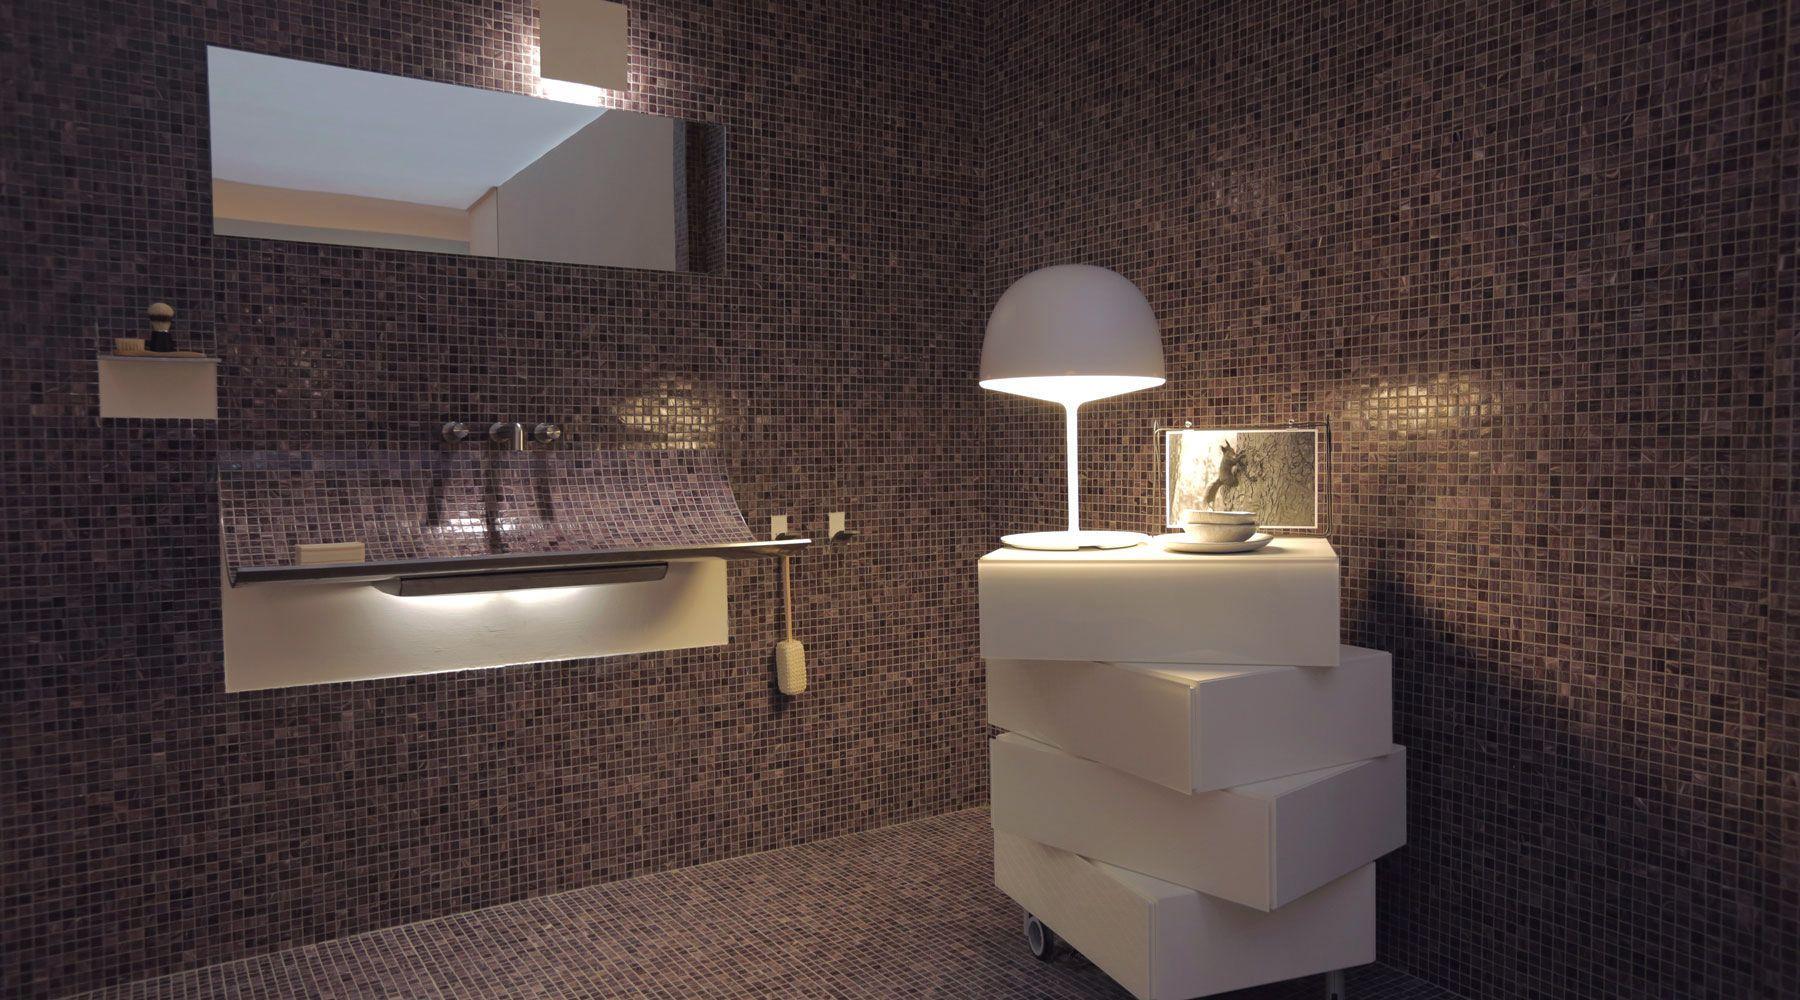 Resina bagno ~ Un lavabo di design rivestito a mosaico o in resina che sembra